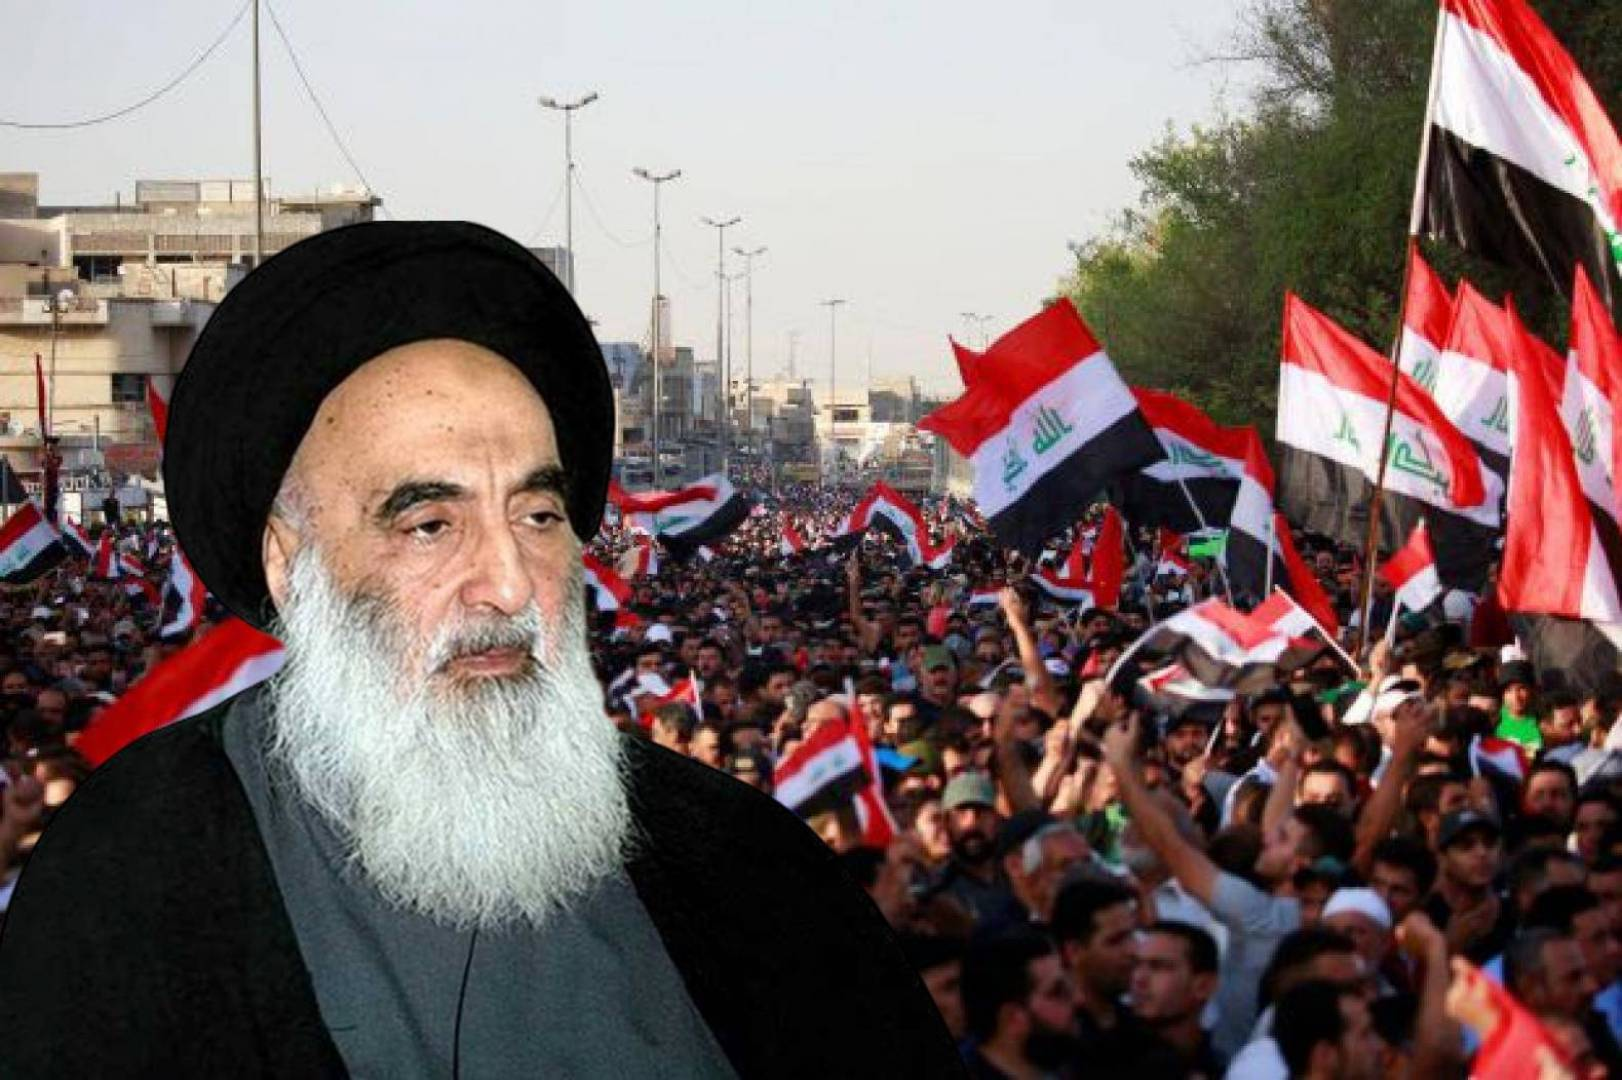 السيستاني: قوات الأمن العراقية تتحمل «المسؤولية الكبرى» عن سلمية الاحتجاجات